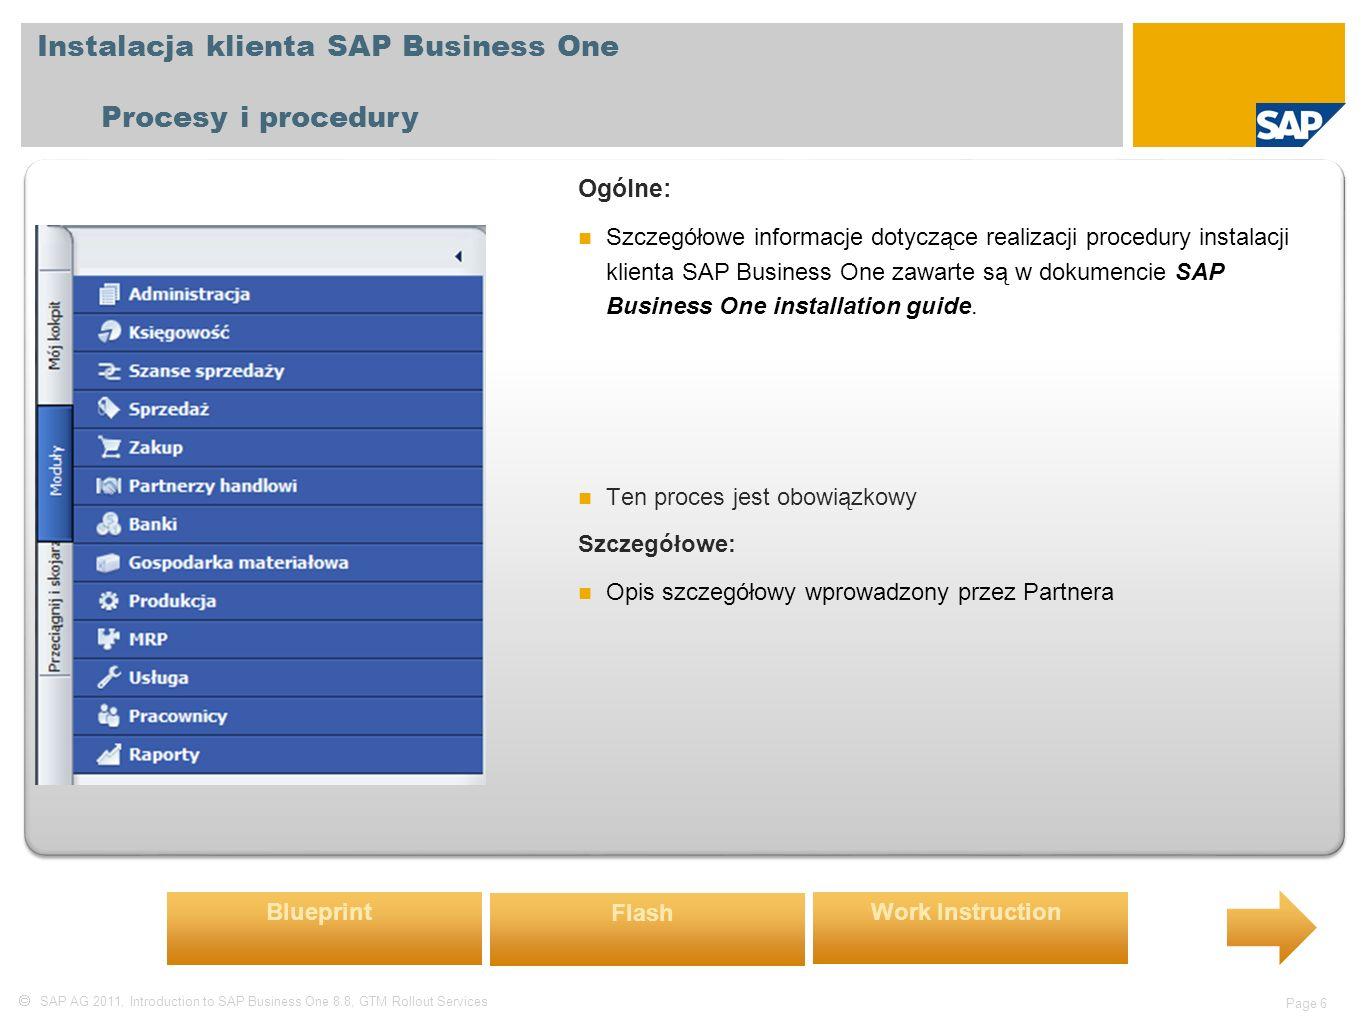  SAP AG 2011, Introduction to SAP Business One 8.8, GTM Rollout Services Page 17 Ustawienia ogólne – Gospodarka materiałowa Procesy i procedury Ogólne: Na zakładce Gospodarka materiałowa możliwe jest dokonanie ustawień związanych z towarami i planowaniem.